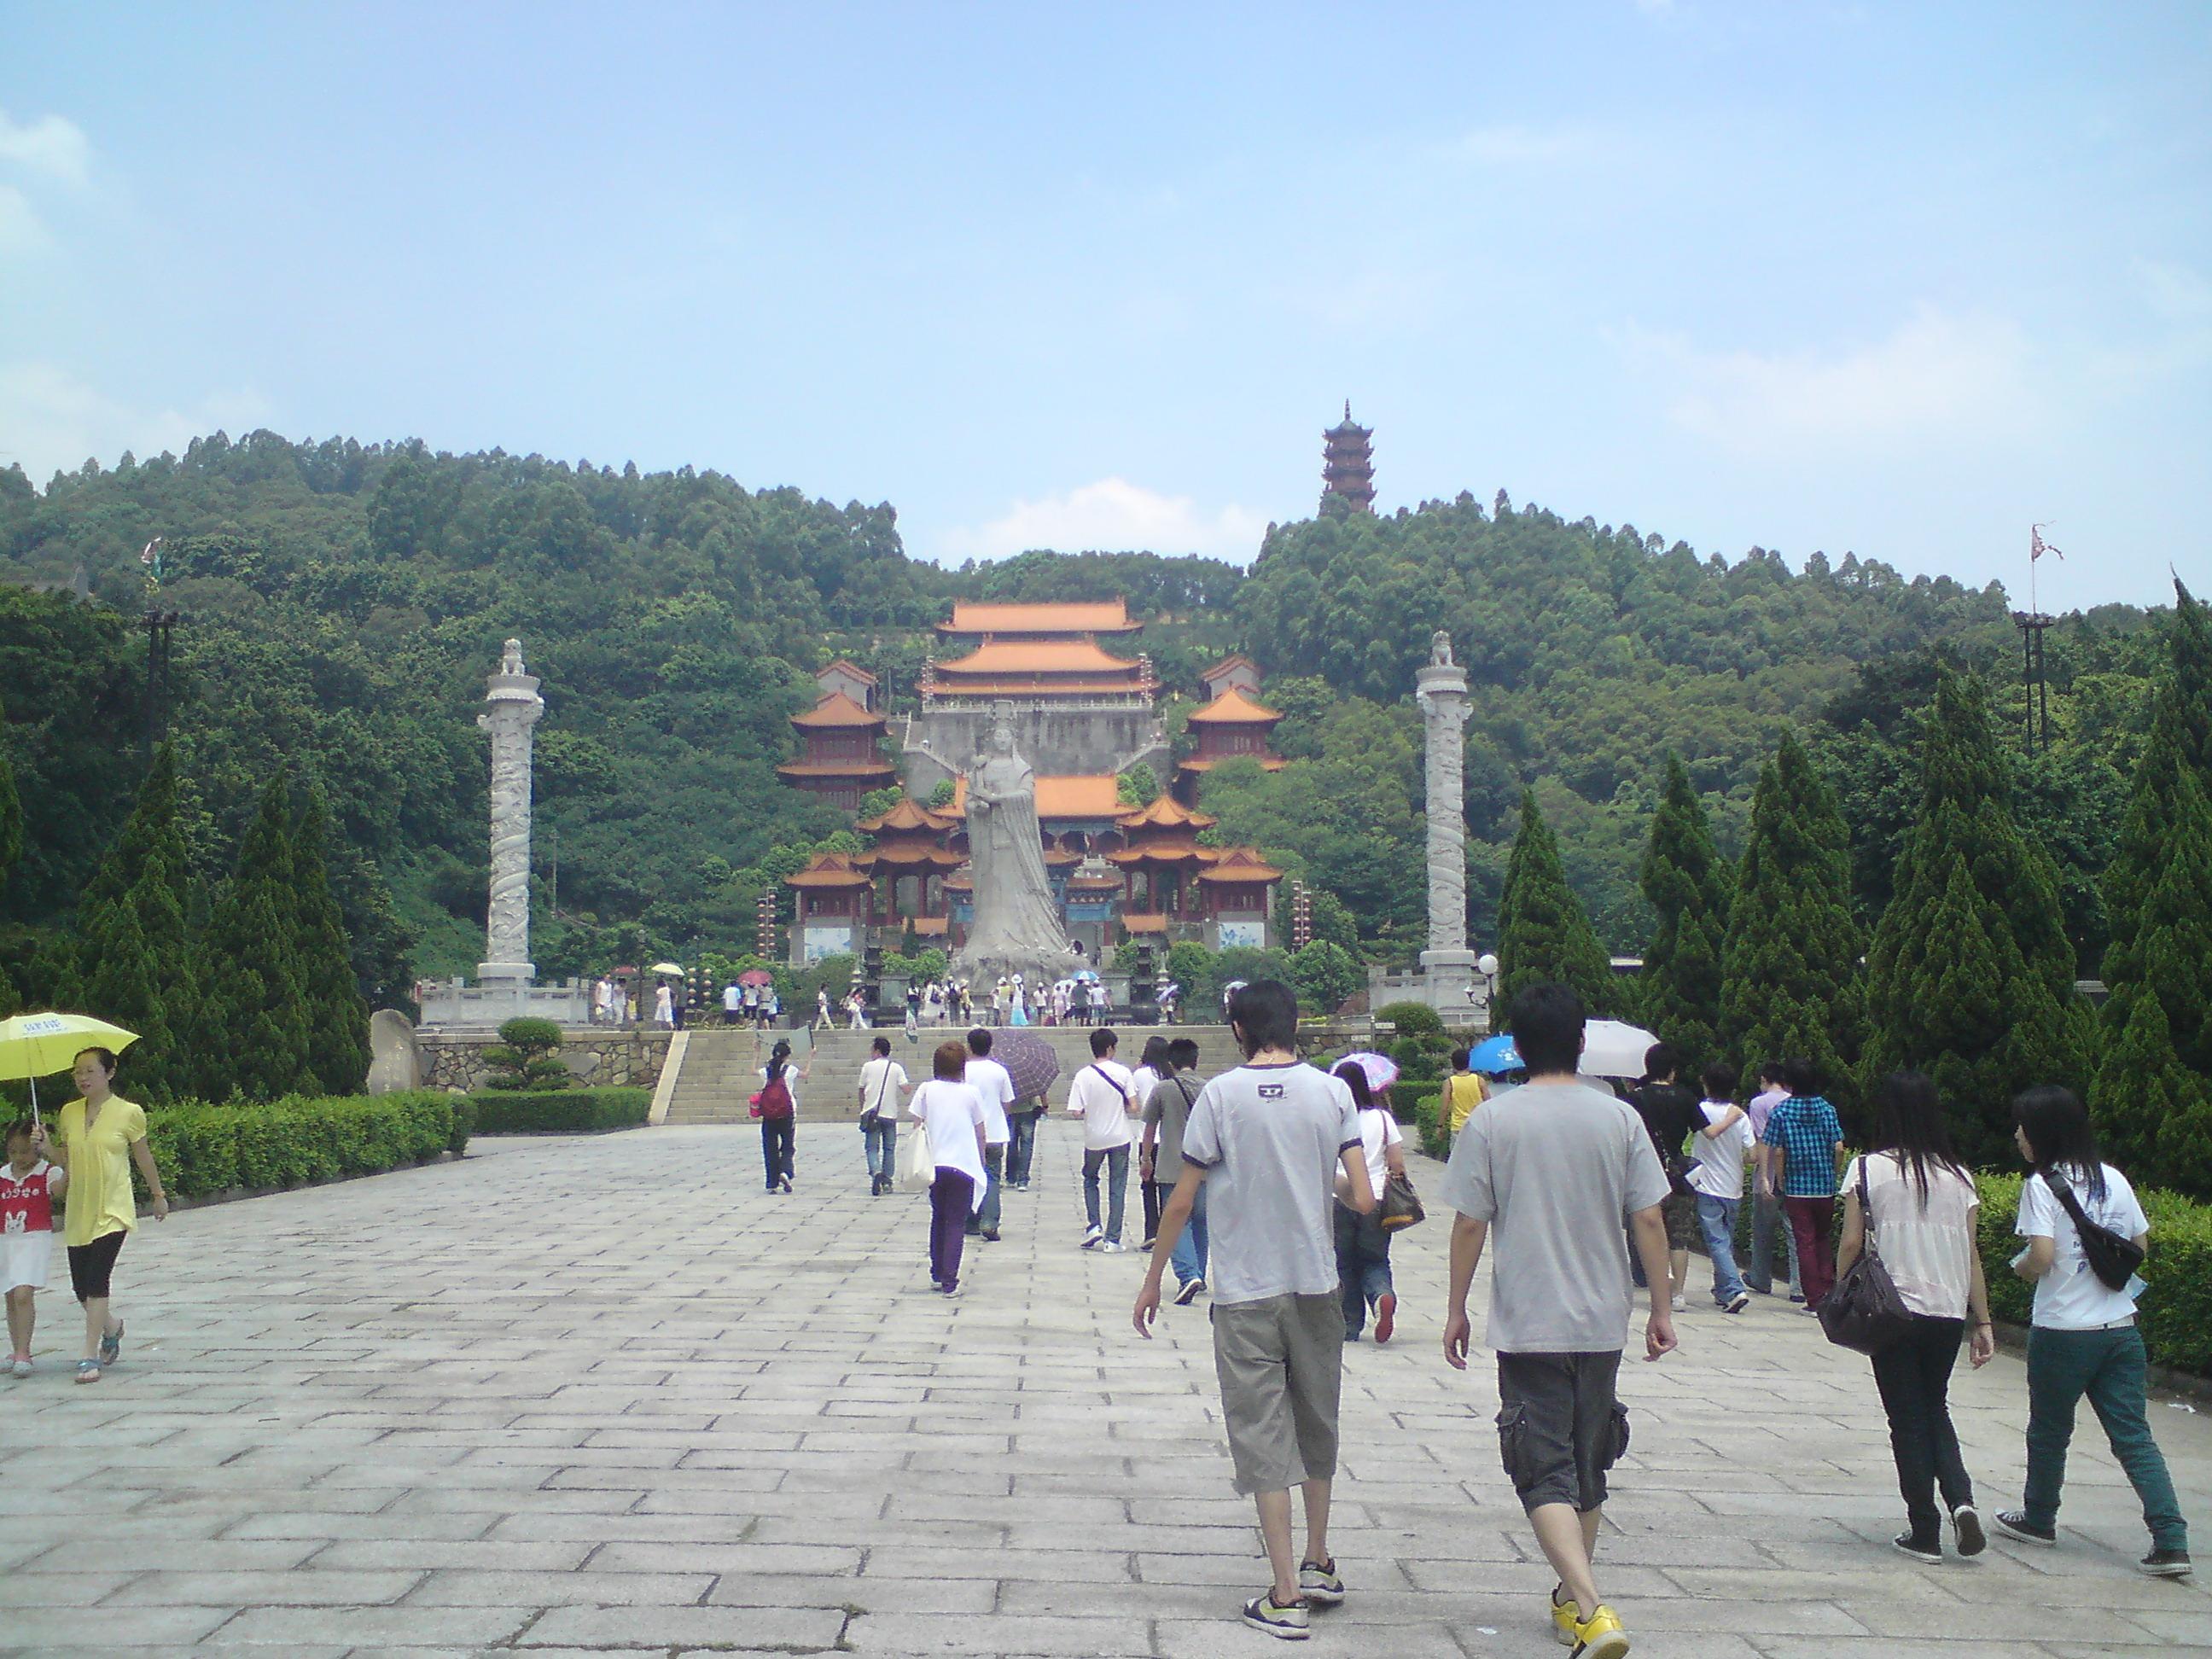 南沙天后宫图片 南沙天后宫图片,广州南沙天后宫图片高清图片